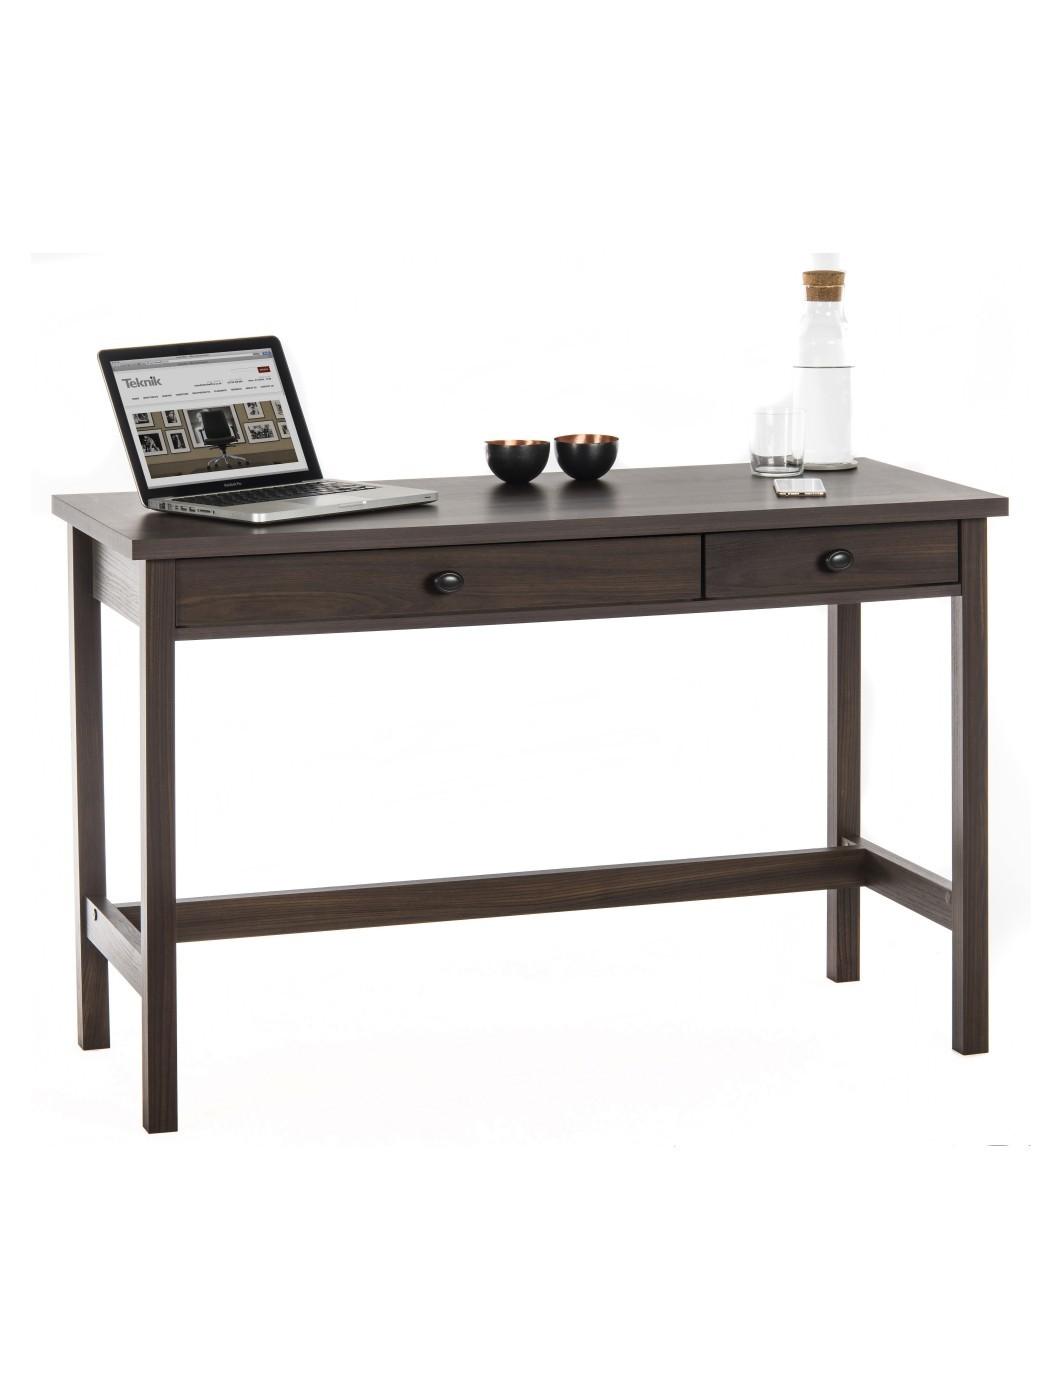 Teknik Study Desk Rum Walnut 5418227 121 Office Furniture